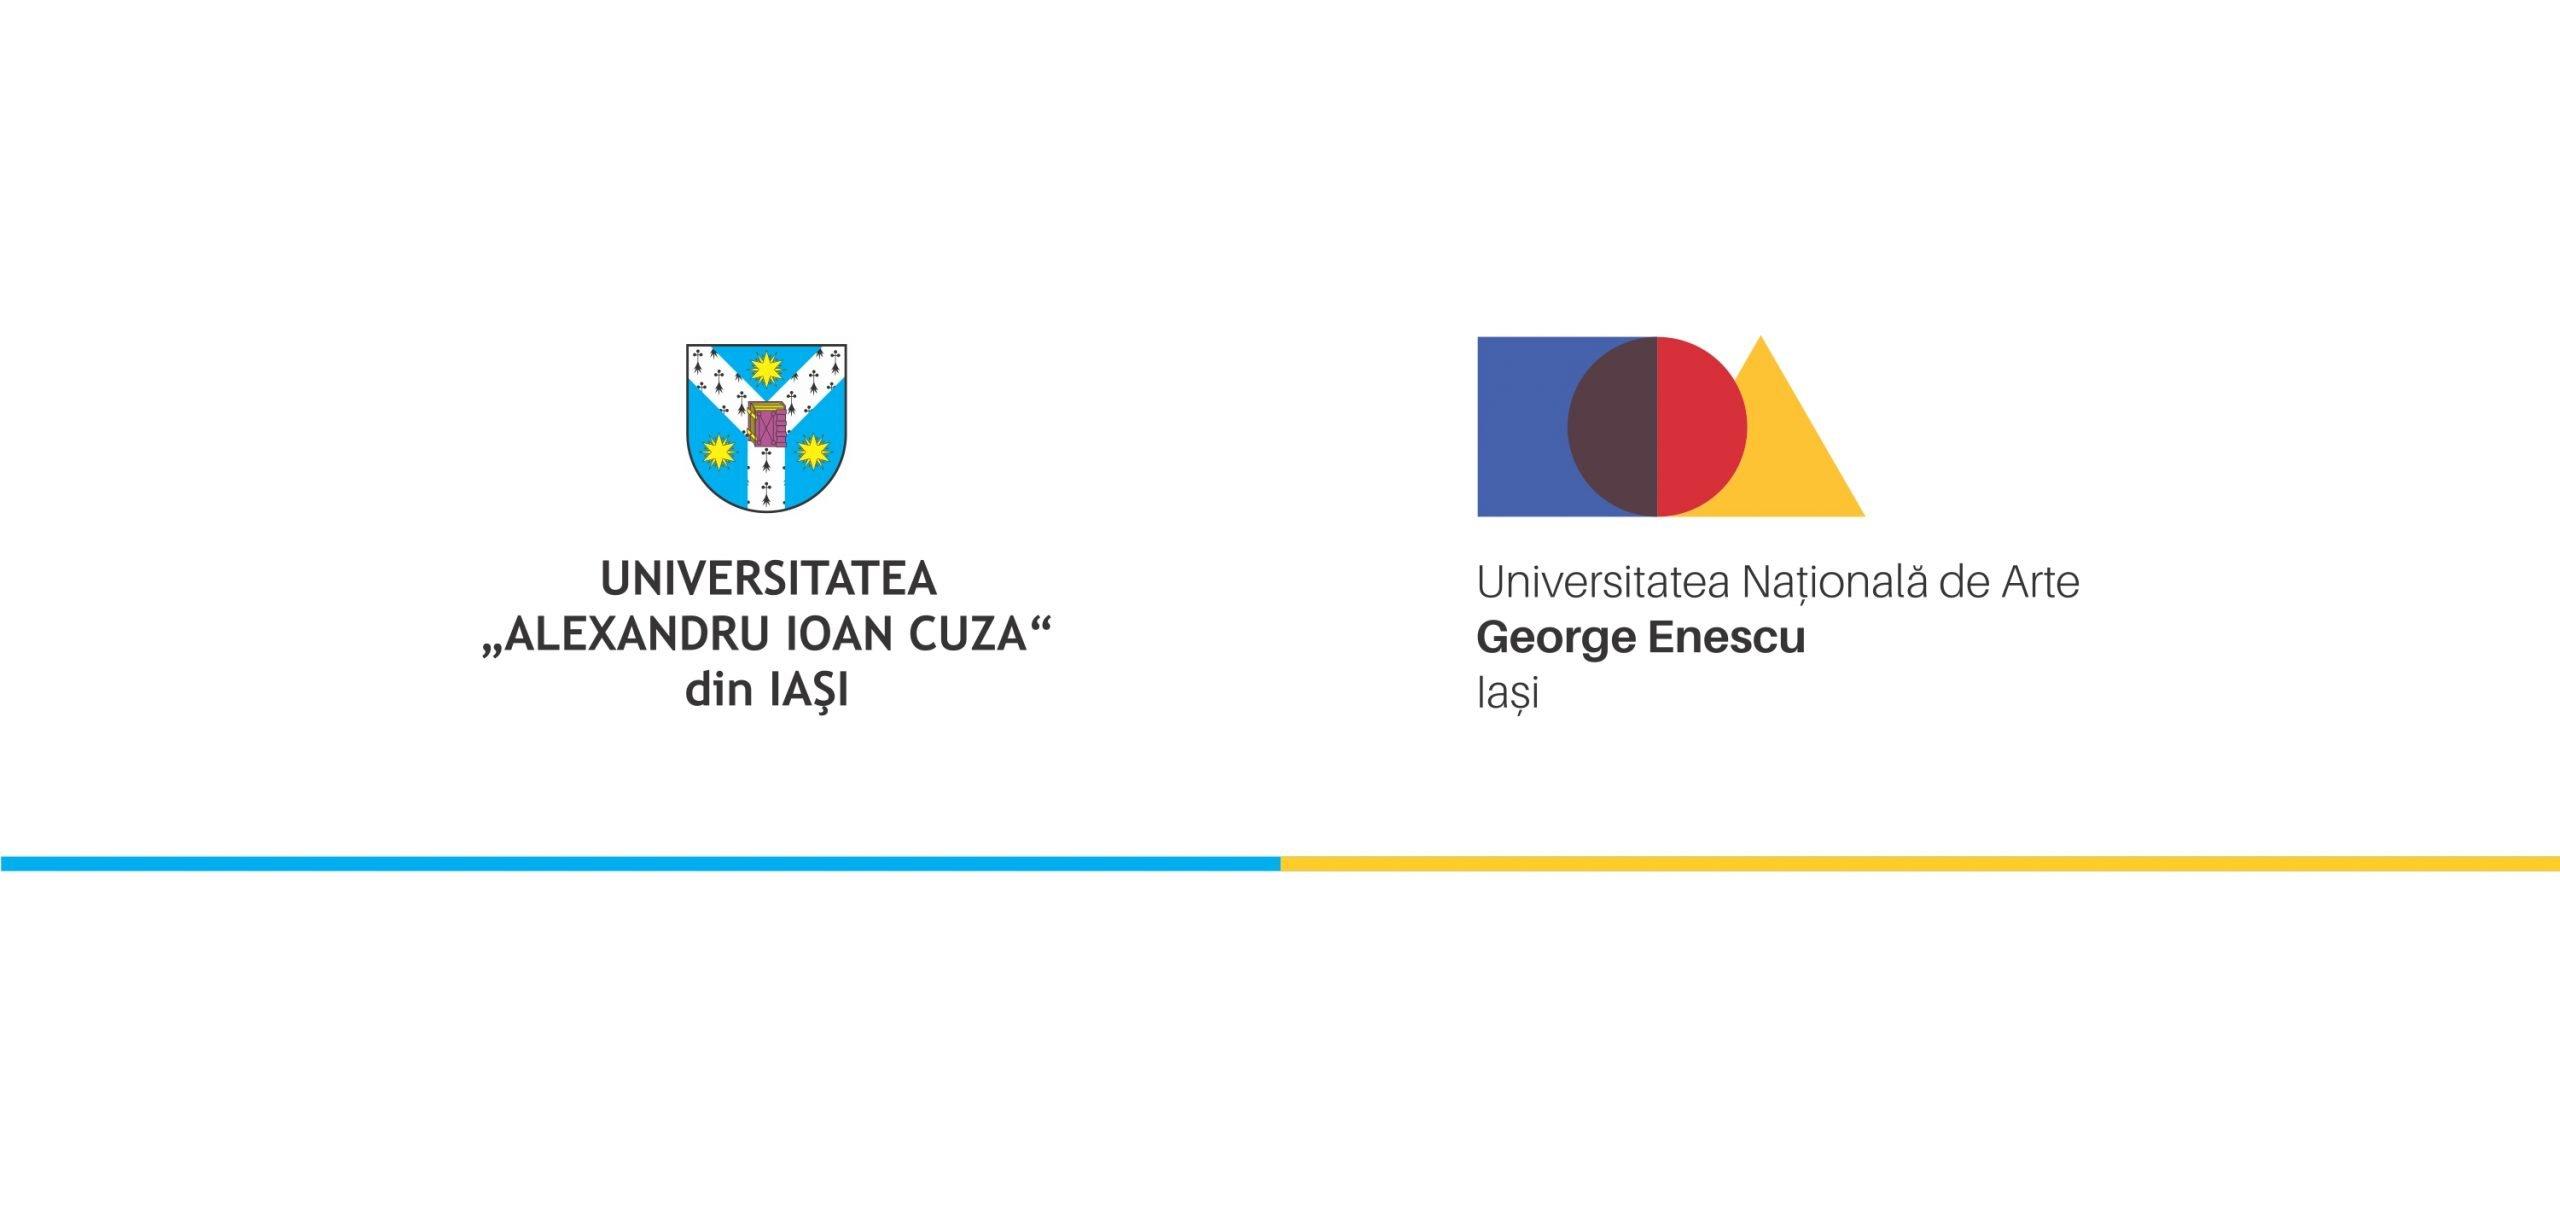 UAIC și UNAGE vor sărbători împreună 160 de ani de la inaugurare